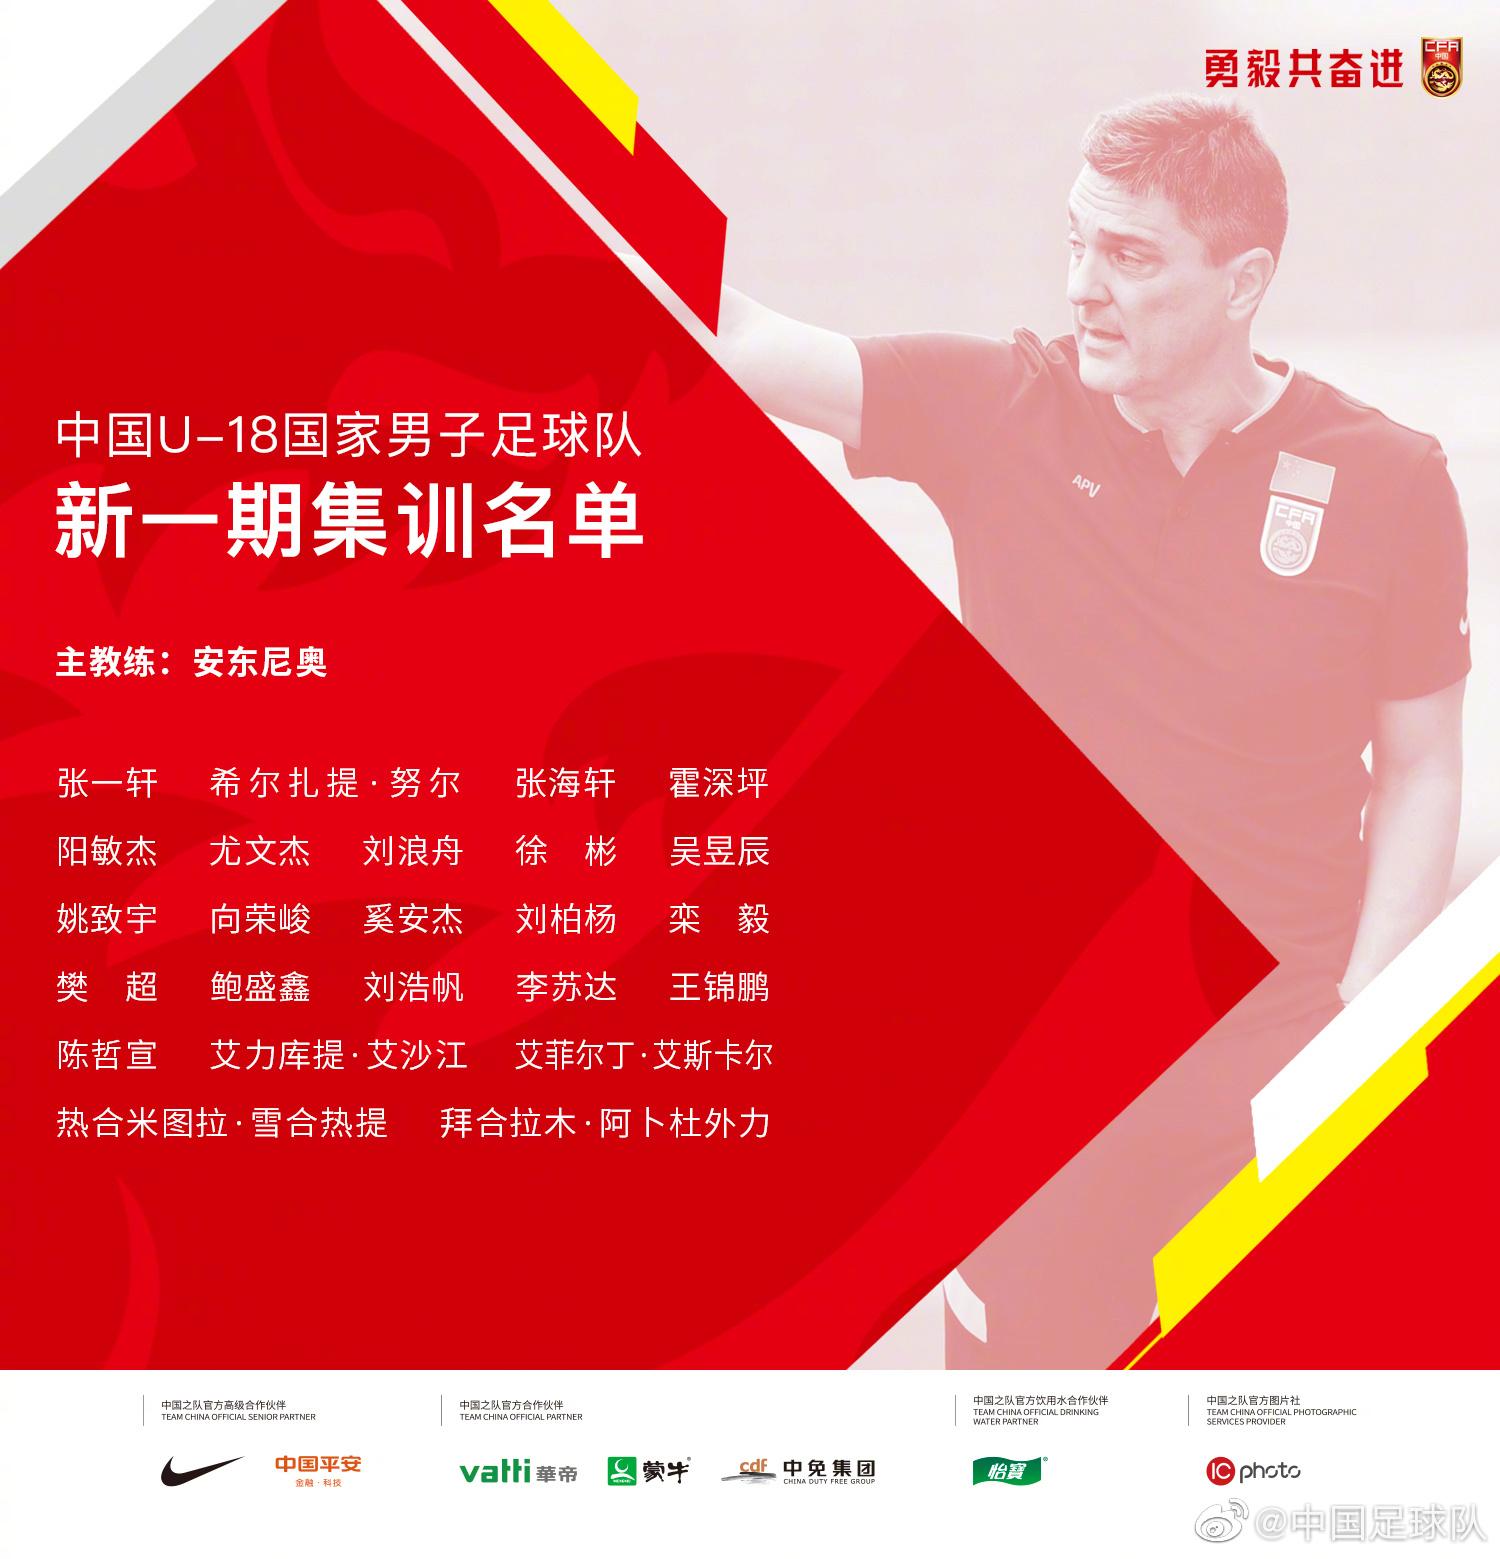 U18国足新一期名单:共24名运动员广州队7人,邵佳一任领队